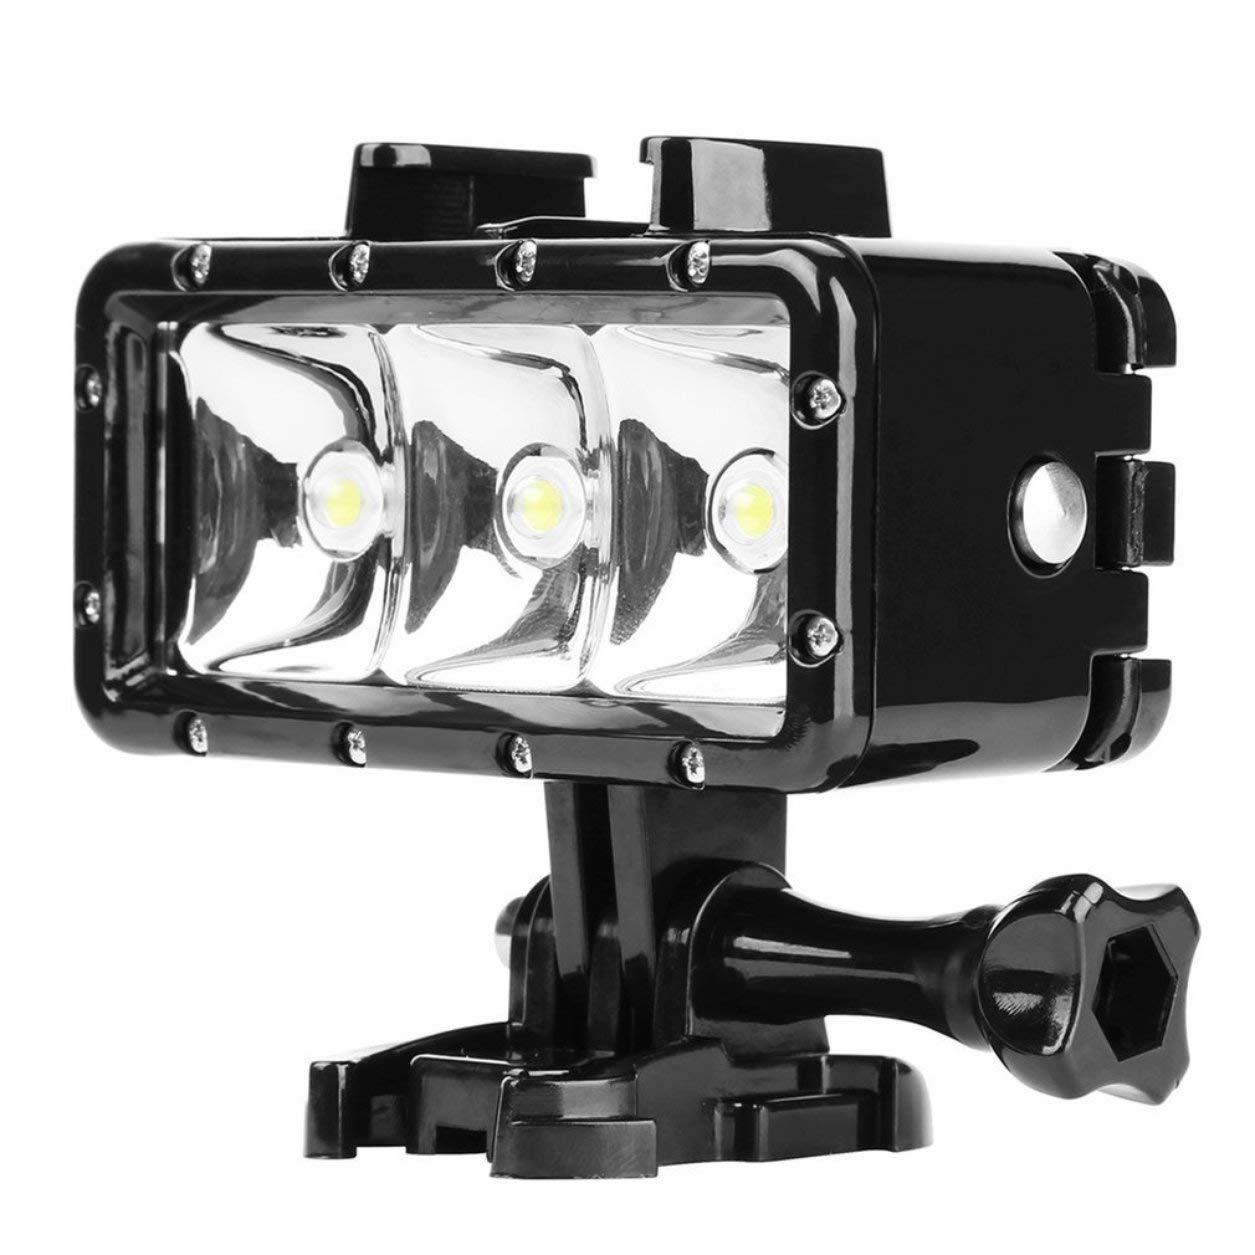 Dailyinshop 30m Underwater Waterproof Diving Spot Light LED Mount for GoPro Hero 4 3+ 3